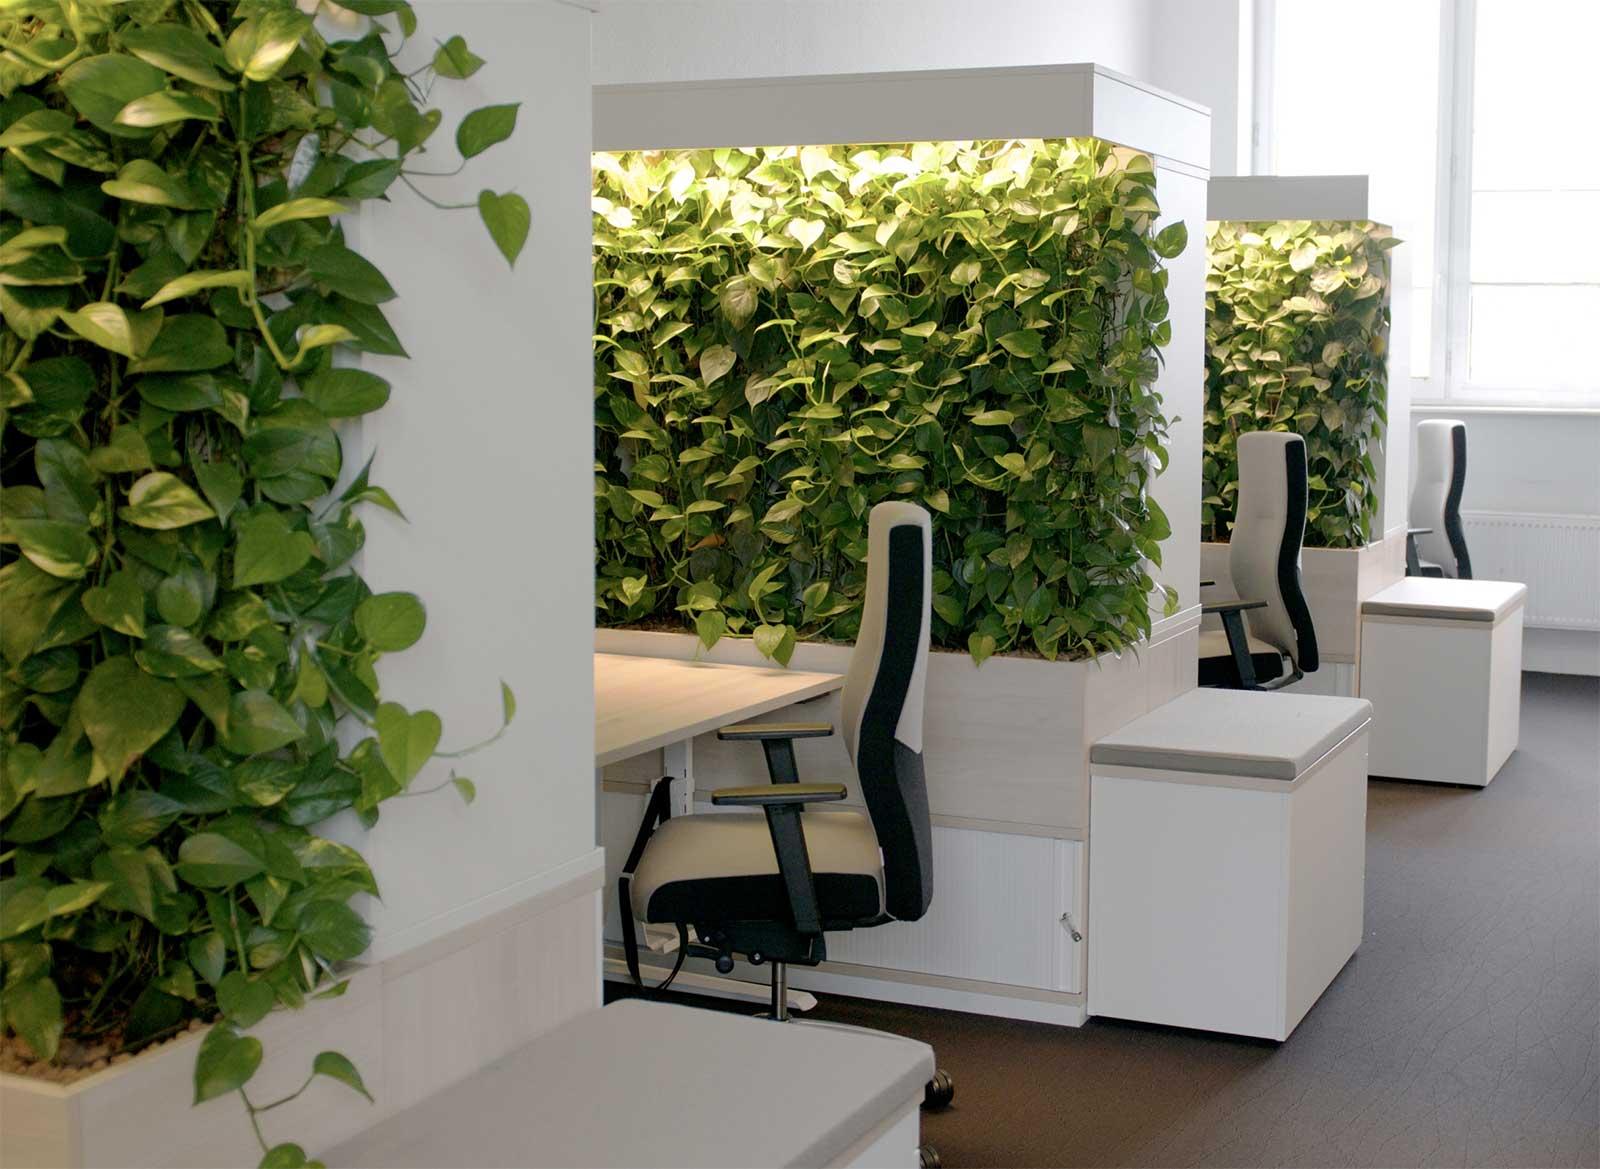 Mit Pflanzenwänden die Abstände doppelt gesund gestalten: 'social distancing' in Grün